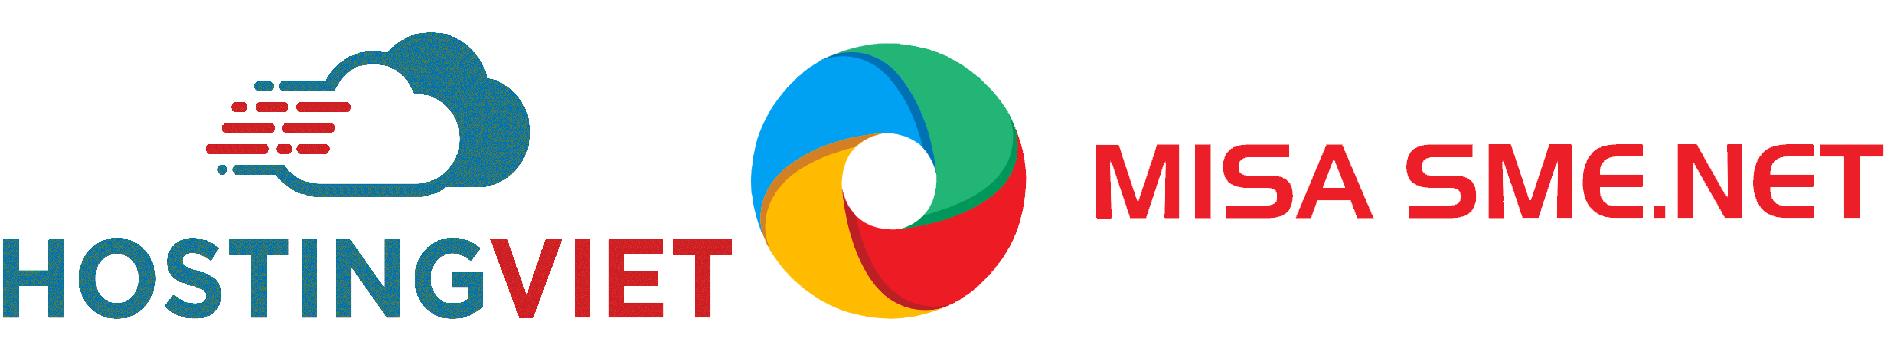 Máy chủ Cloud lưu trữ phần mềm kế toán Misa Online chuyên nghiệp